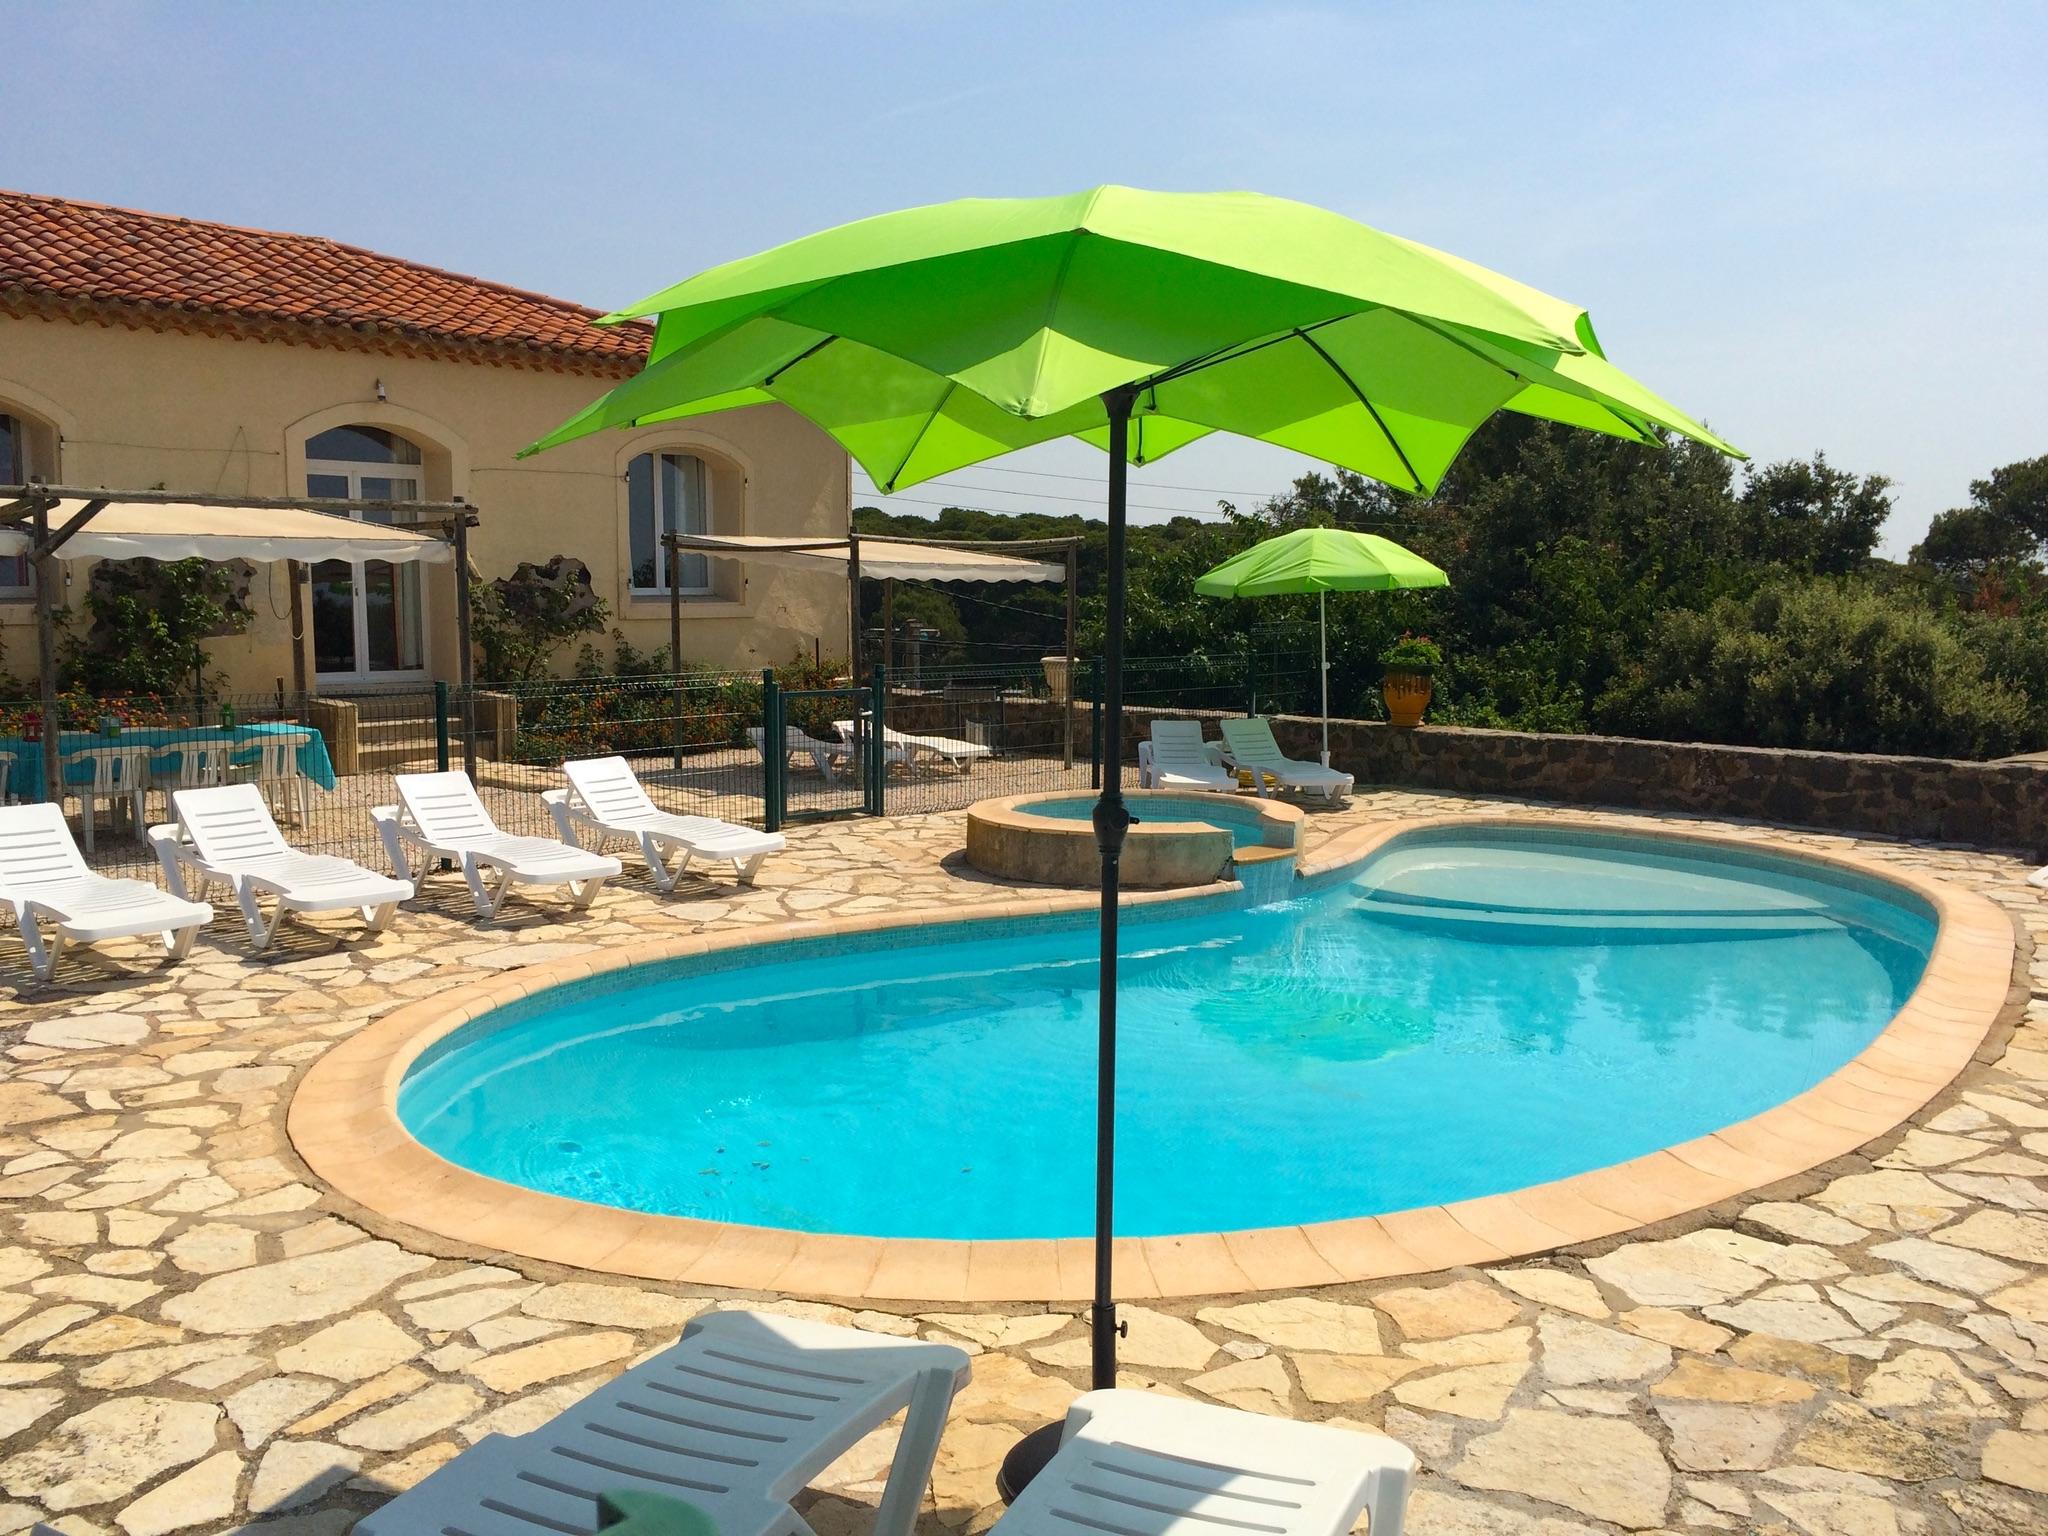 Ferienhaus Charaktervolles Haus in Hérault mit Pool und Garten (2201003), Portiragnes, Mittelmeerküste Hérault, Languedoc-Roussillon, Frankreich, Bild 26